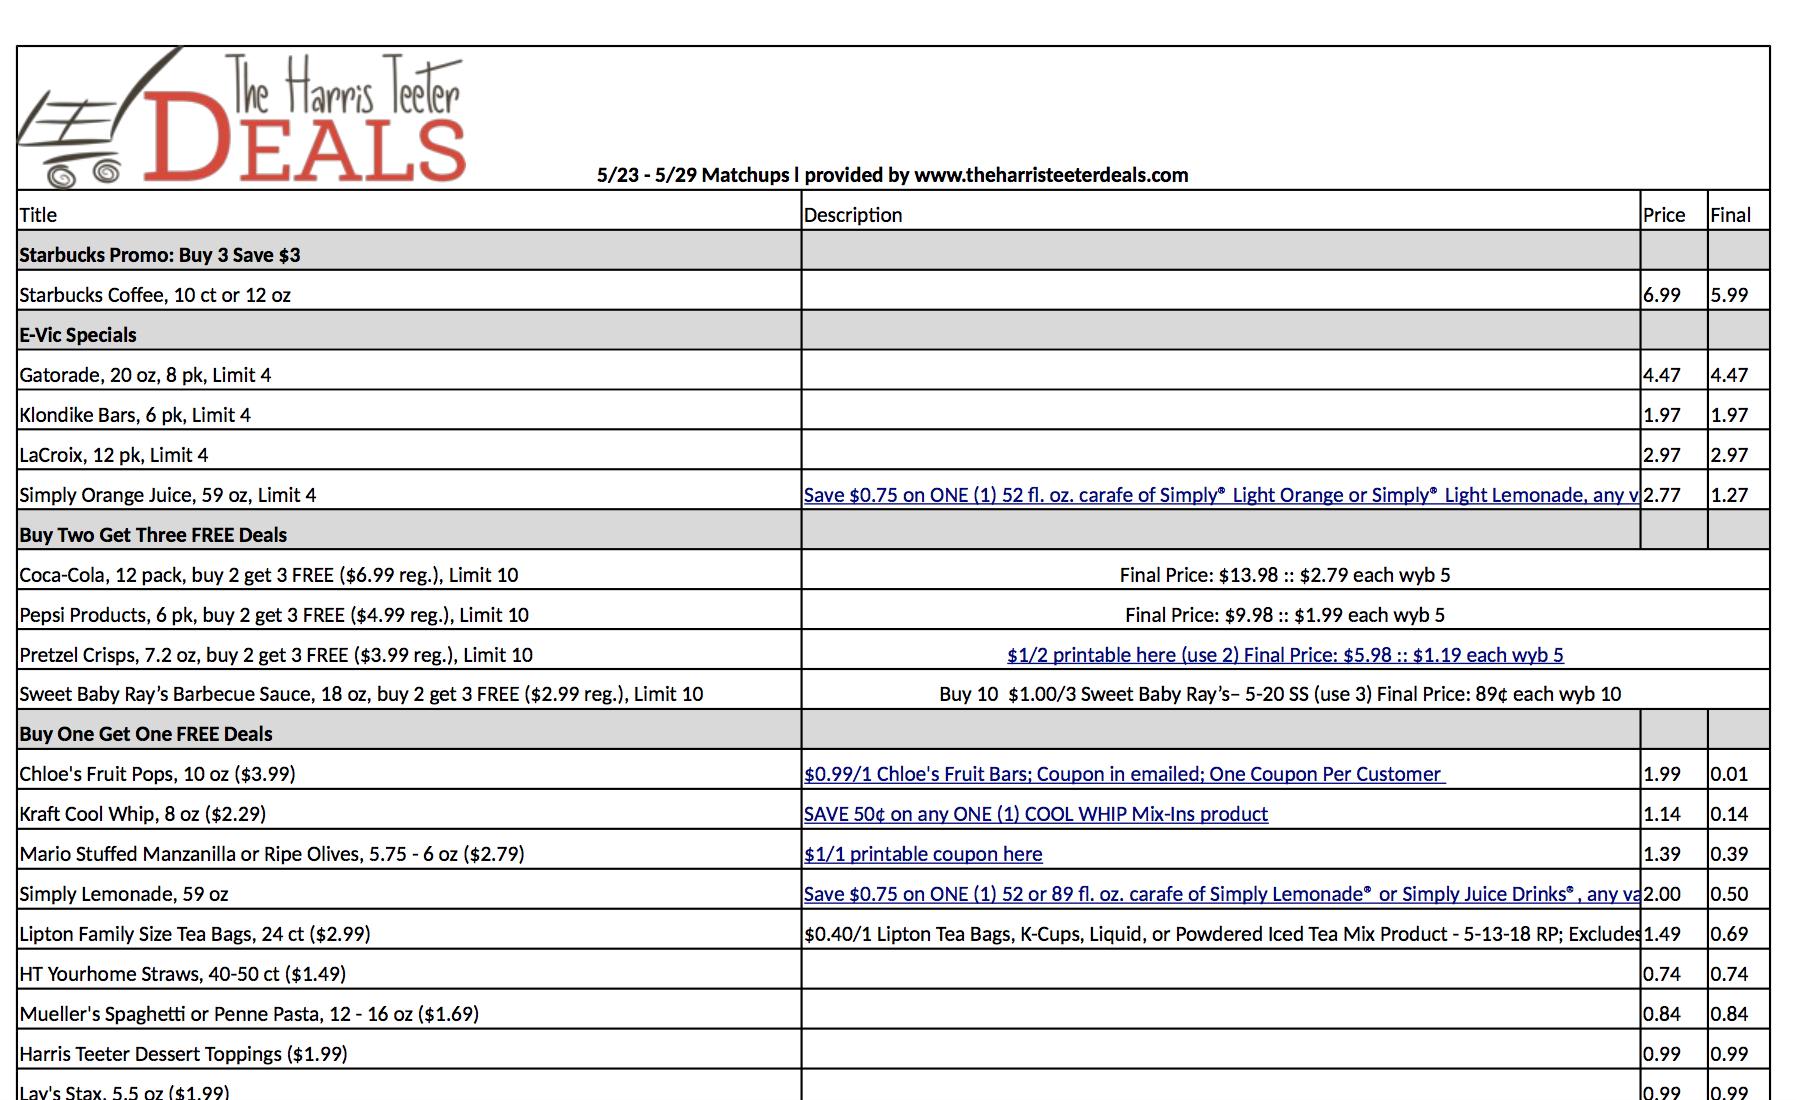 Harris Teeter Coupon Spreadsheet Throughout Harris Teeter Deals Spreadsheet 5/23  5/29  The Harris Teeter Deals